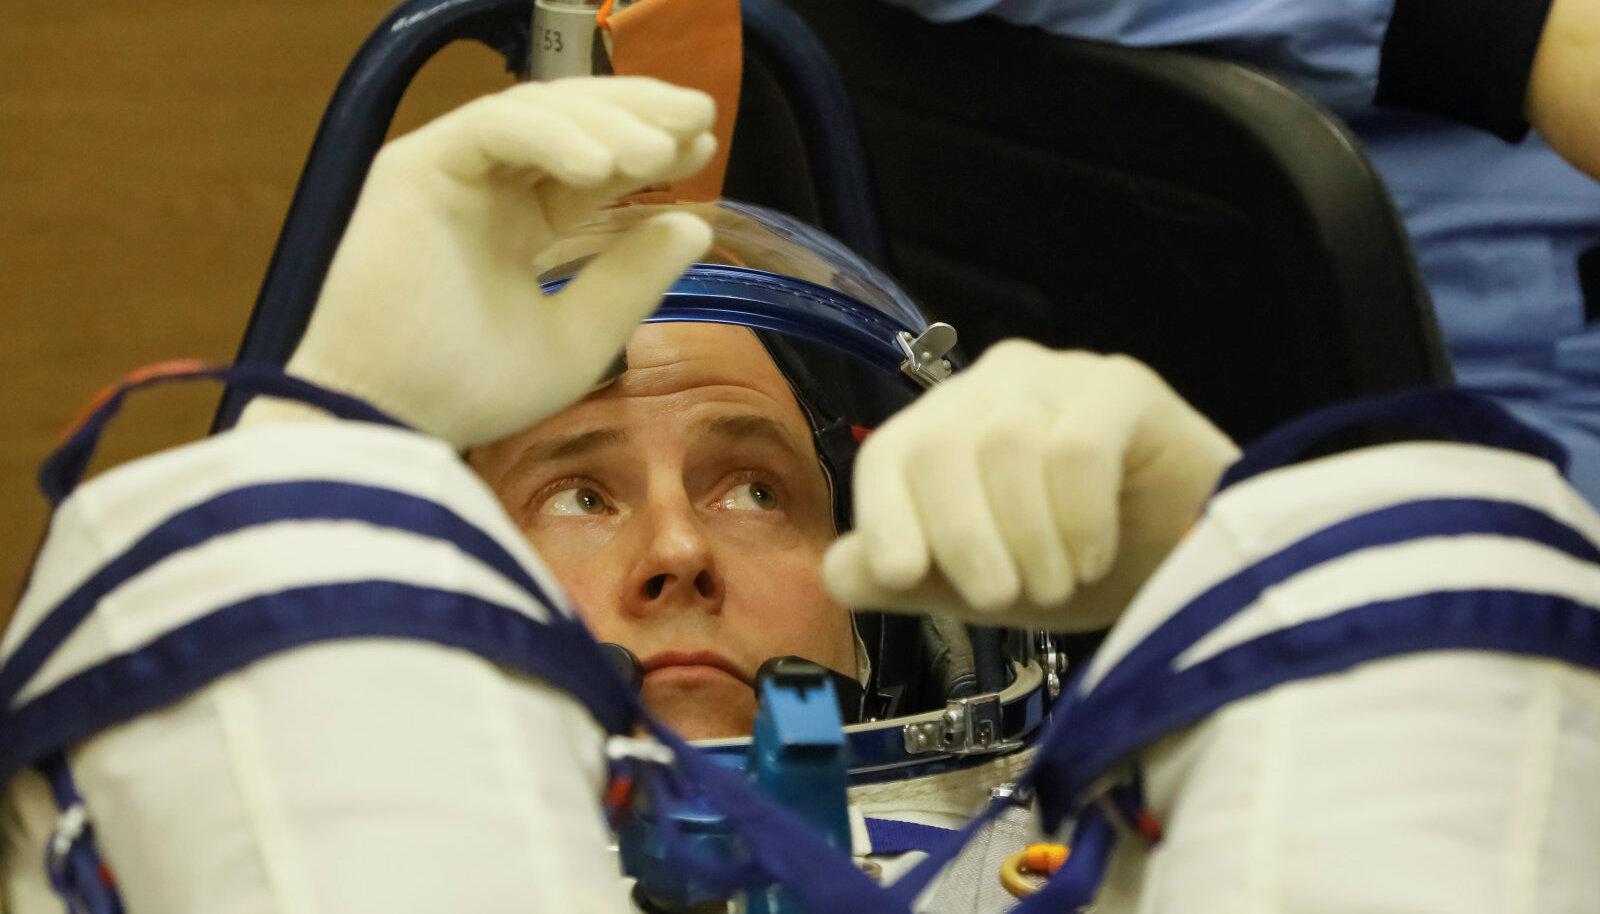 Nick Hague on üks kuuest hetkel ISS-i pardal olevast astronaudist